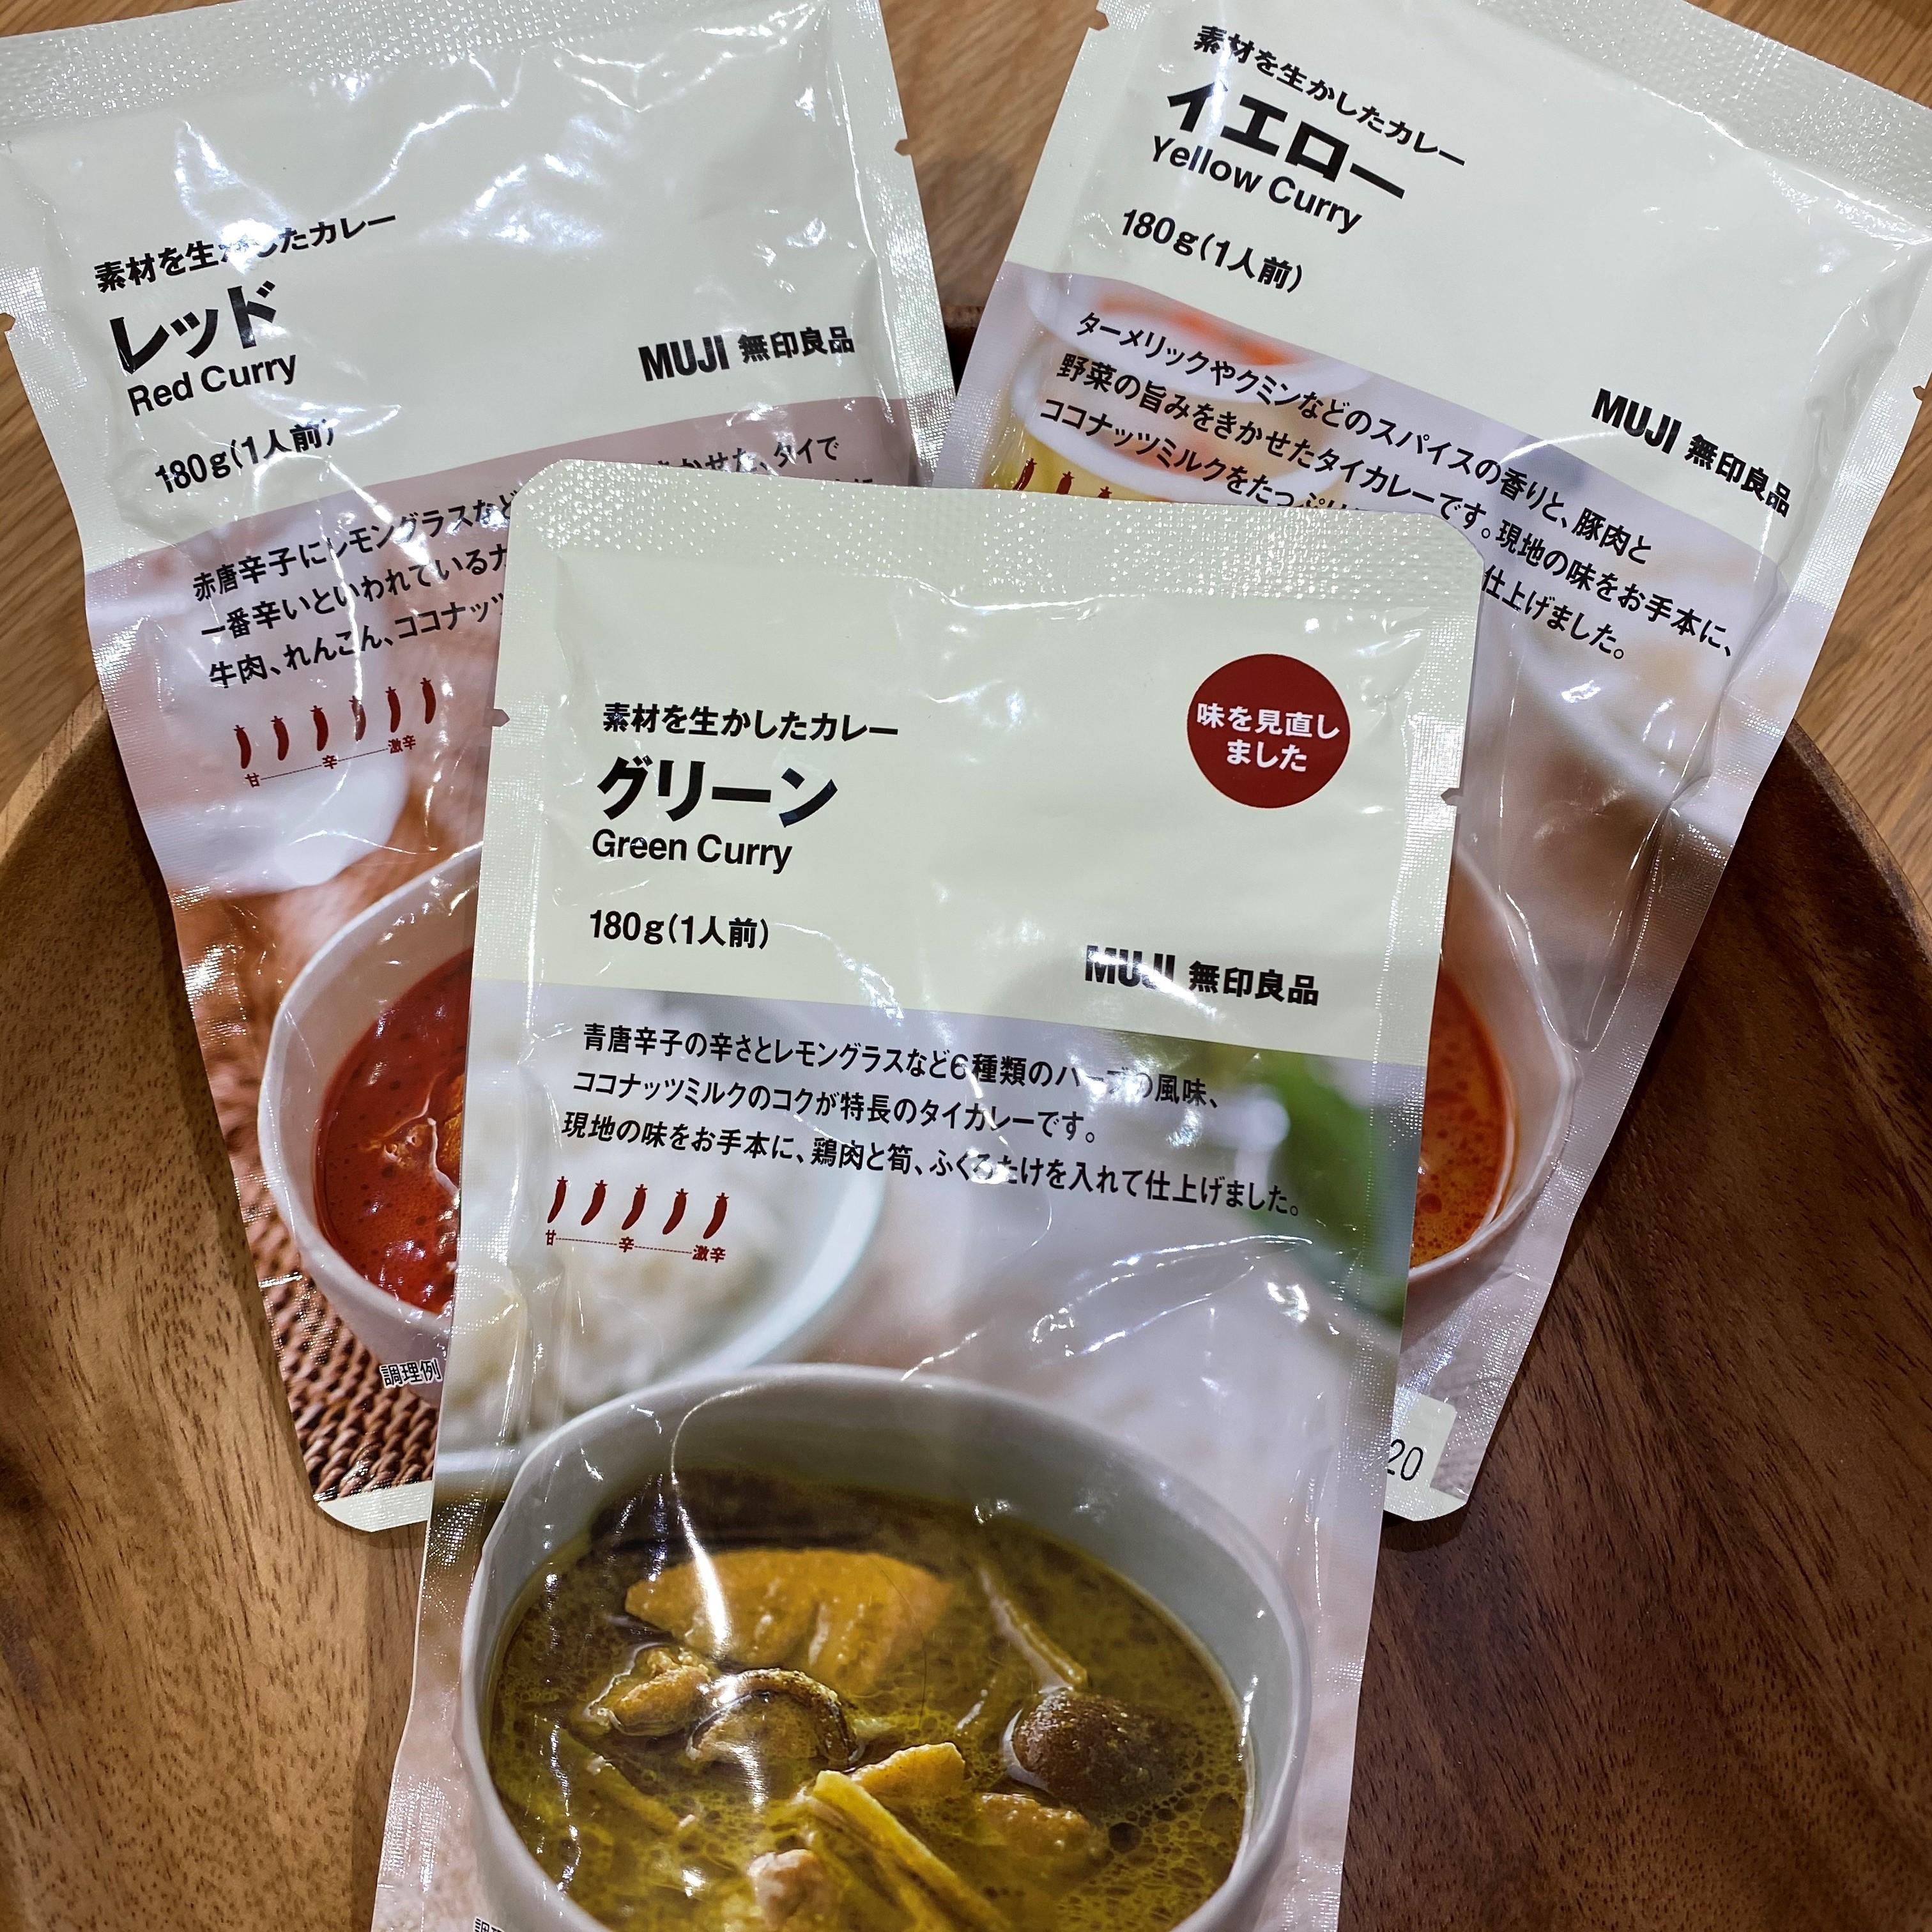 【ゆめタウン徳島】タイカレー